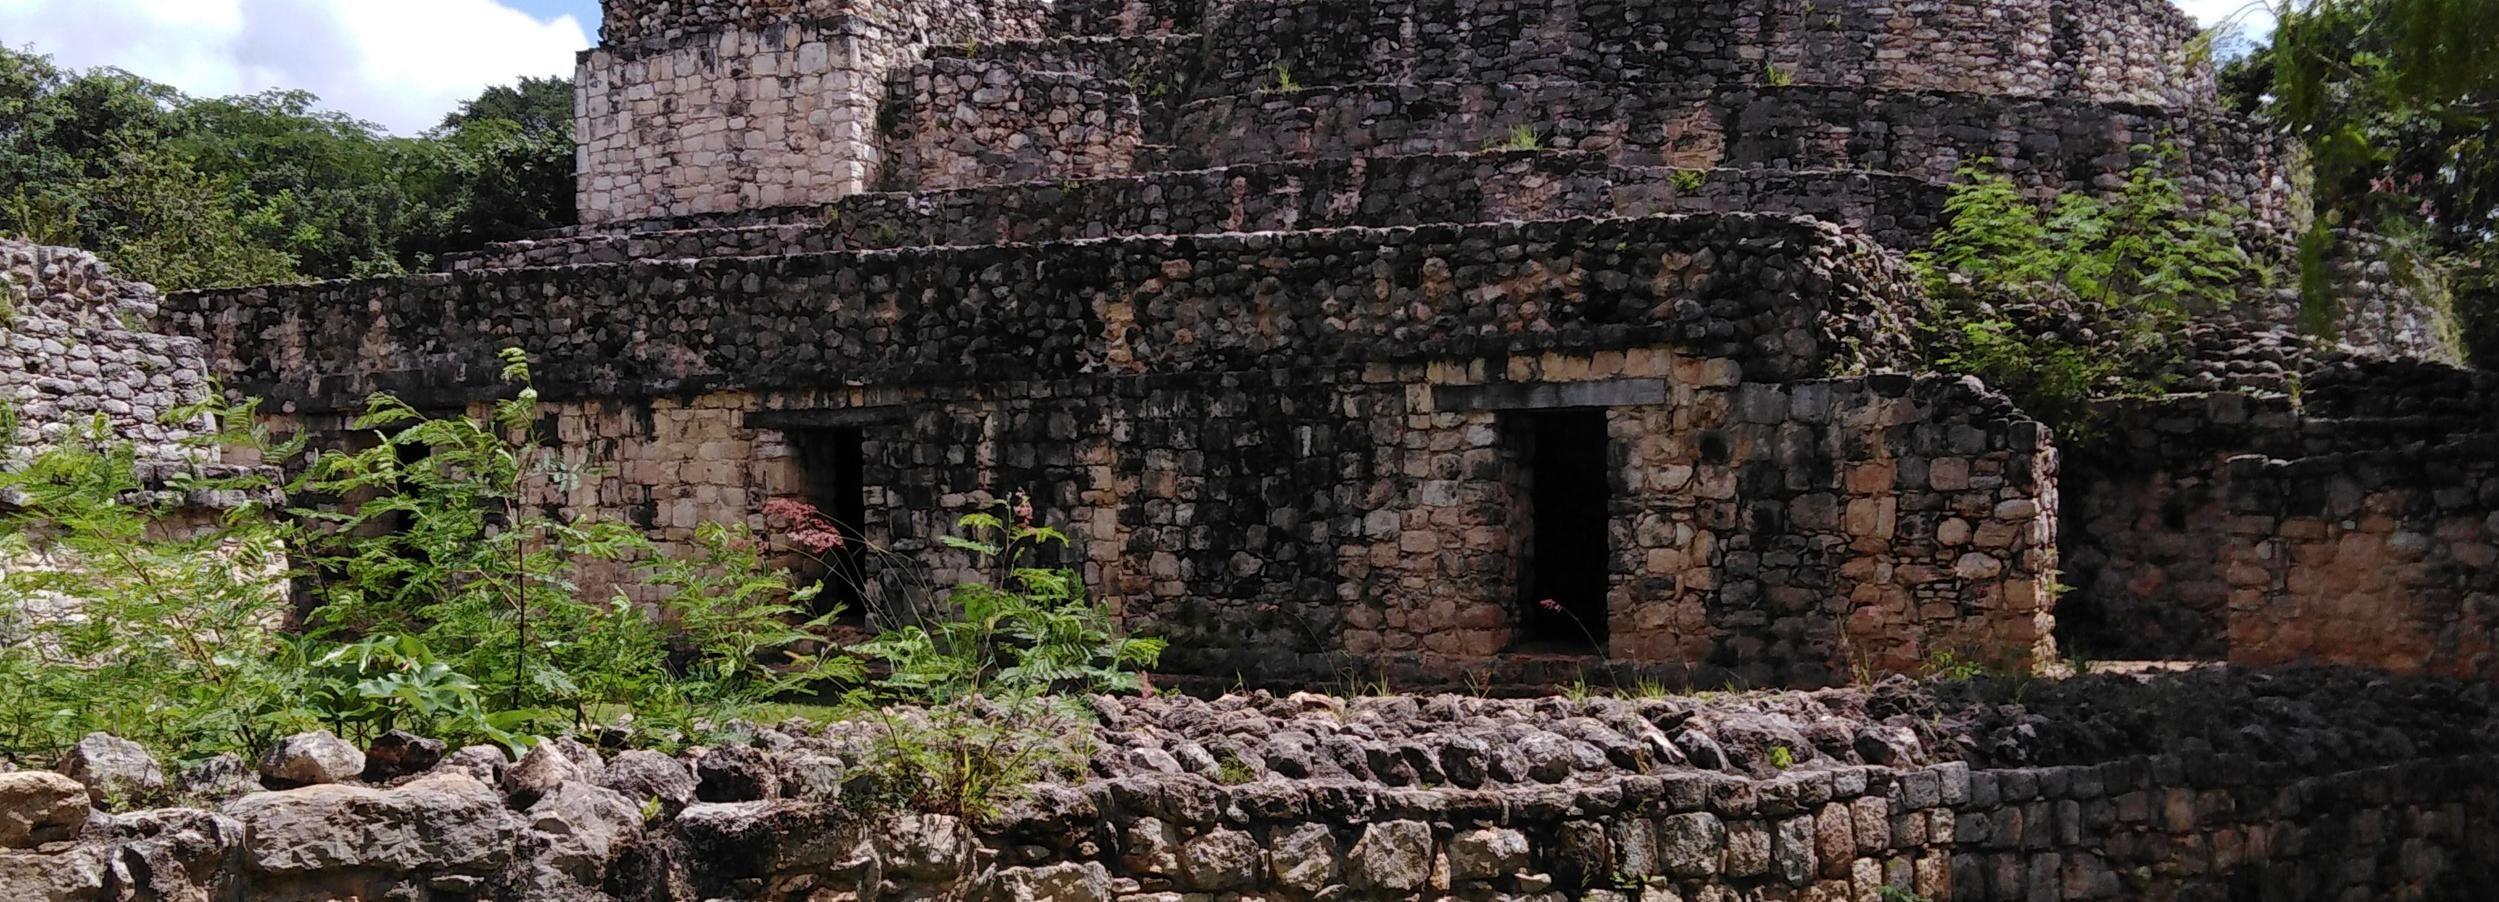 Yucatán: Ek 'Balam und Cenote Hubiku Tour